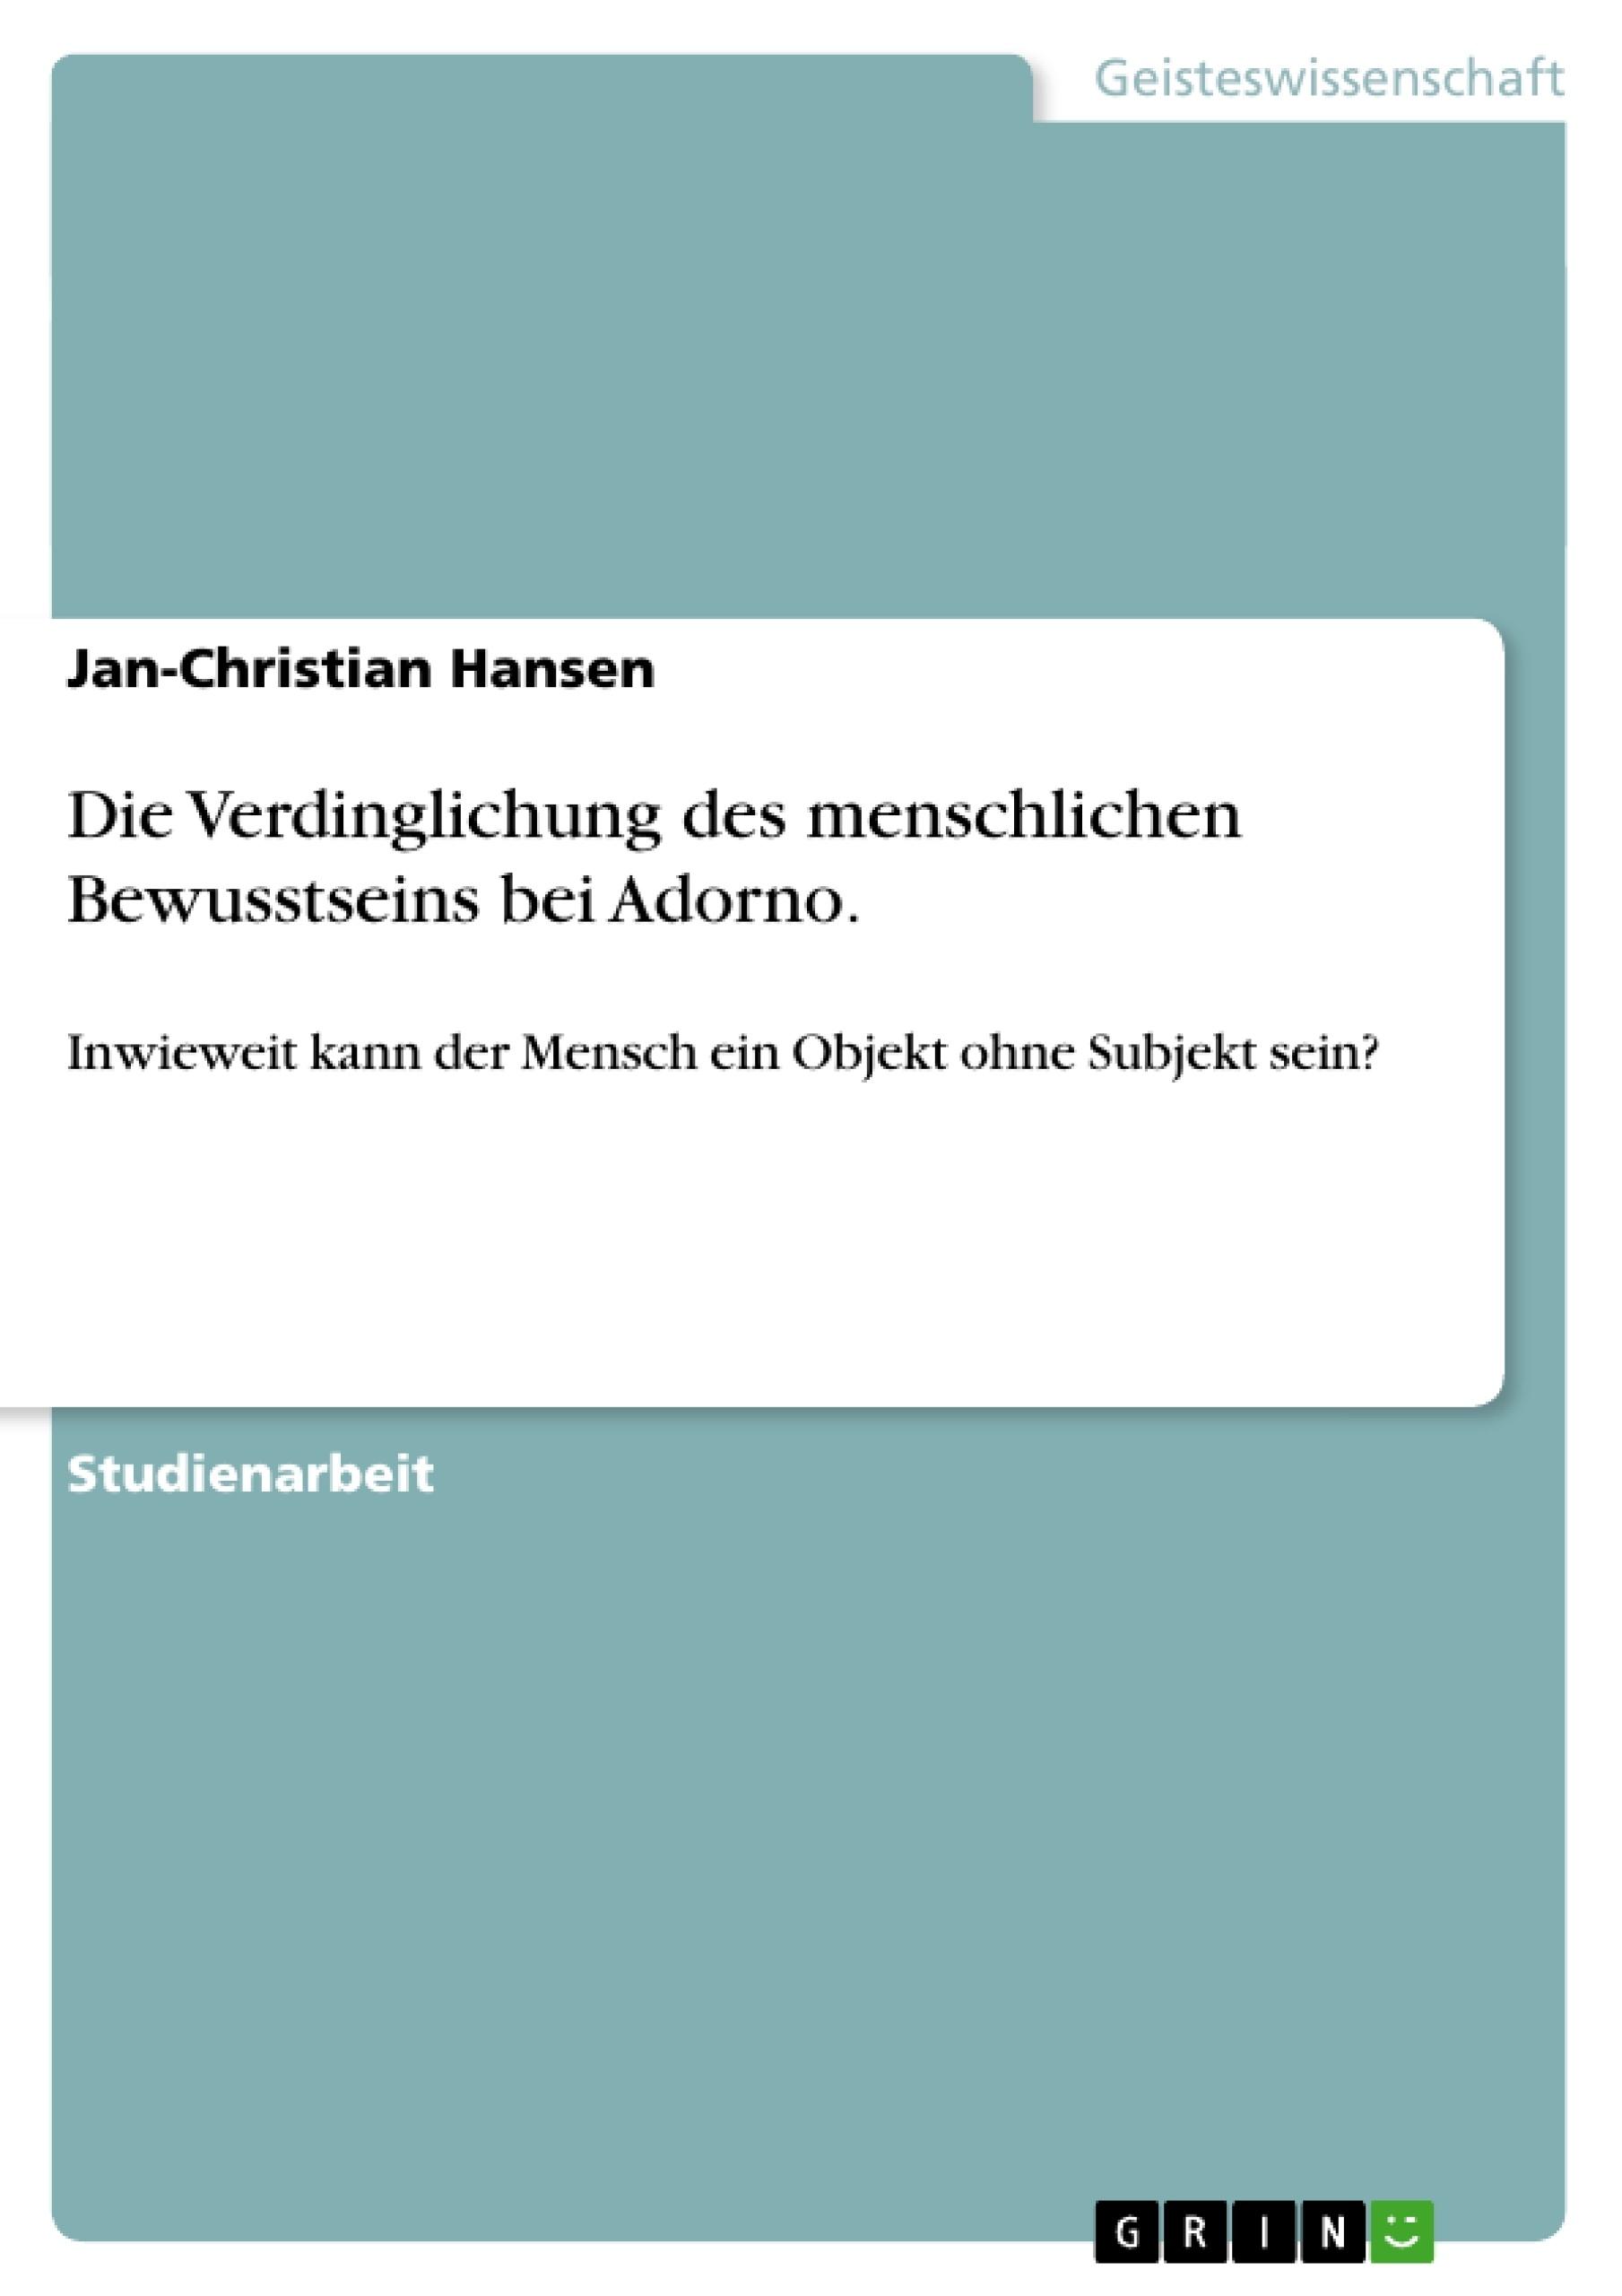 Titel: Die Verdinglichung des menschlichen Bewusstseins bei Adorno.